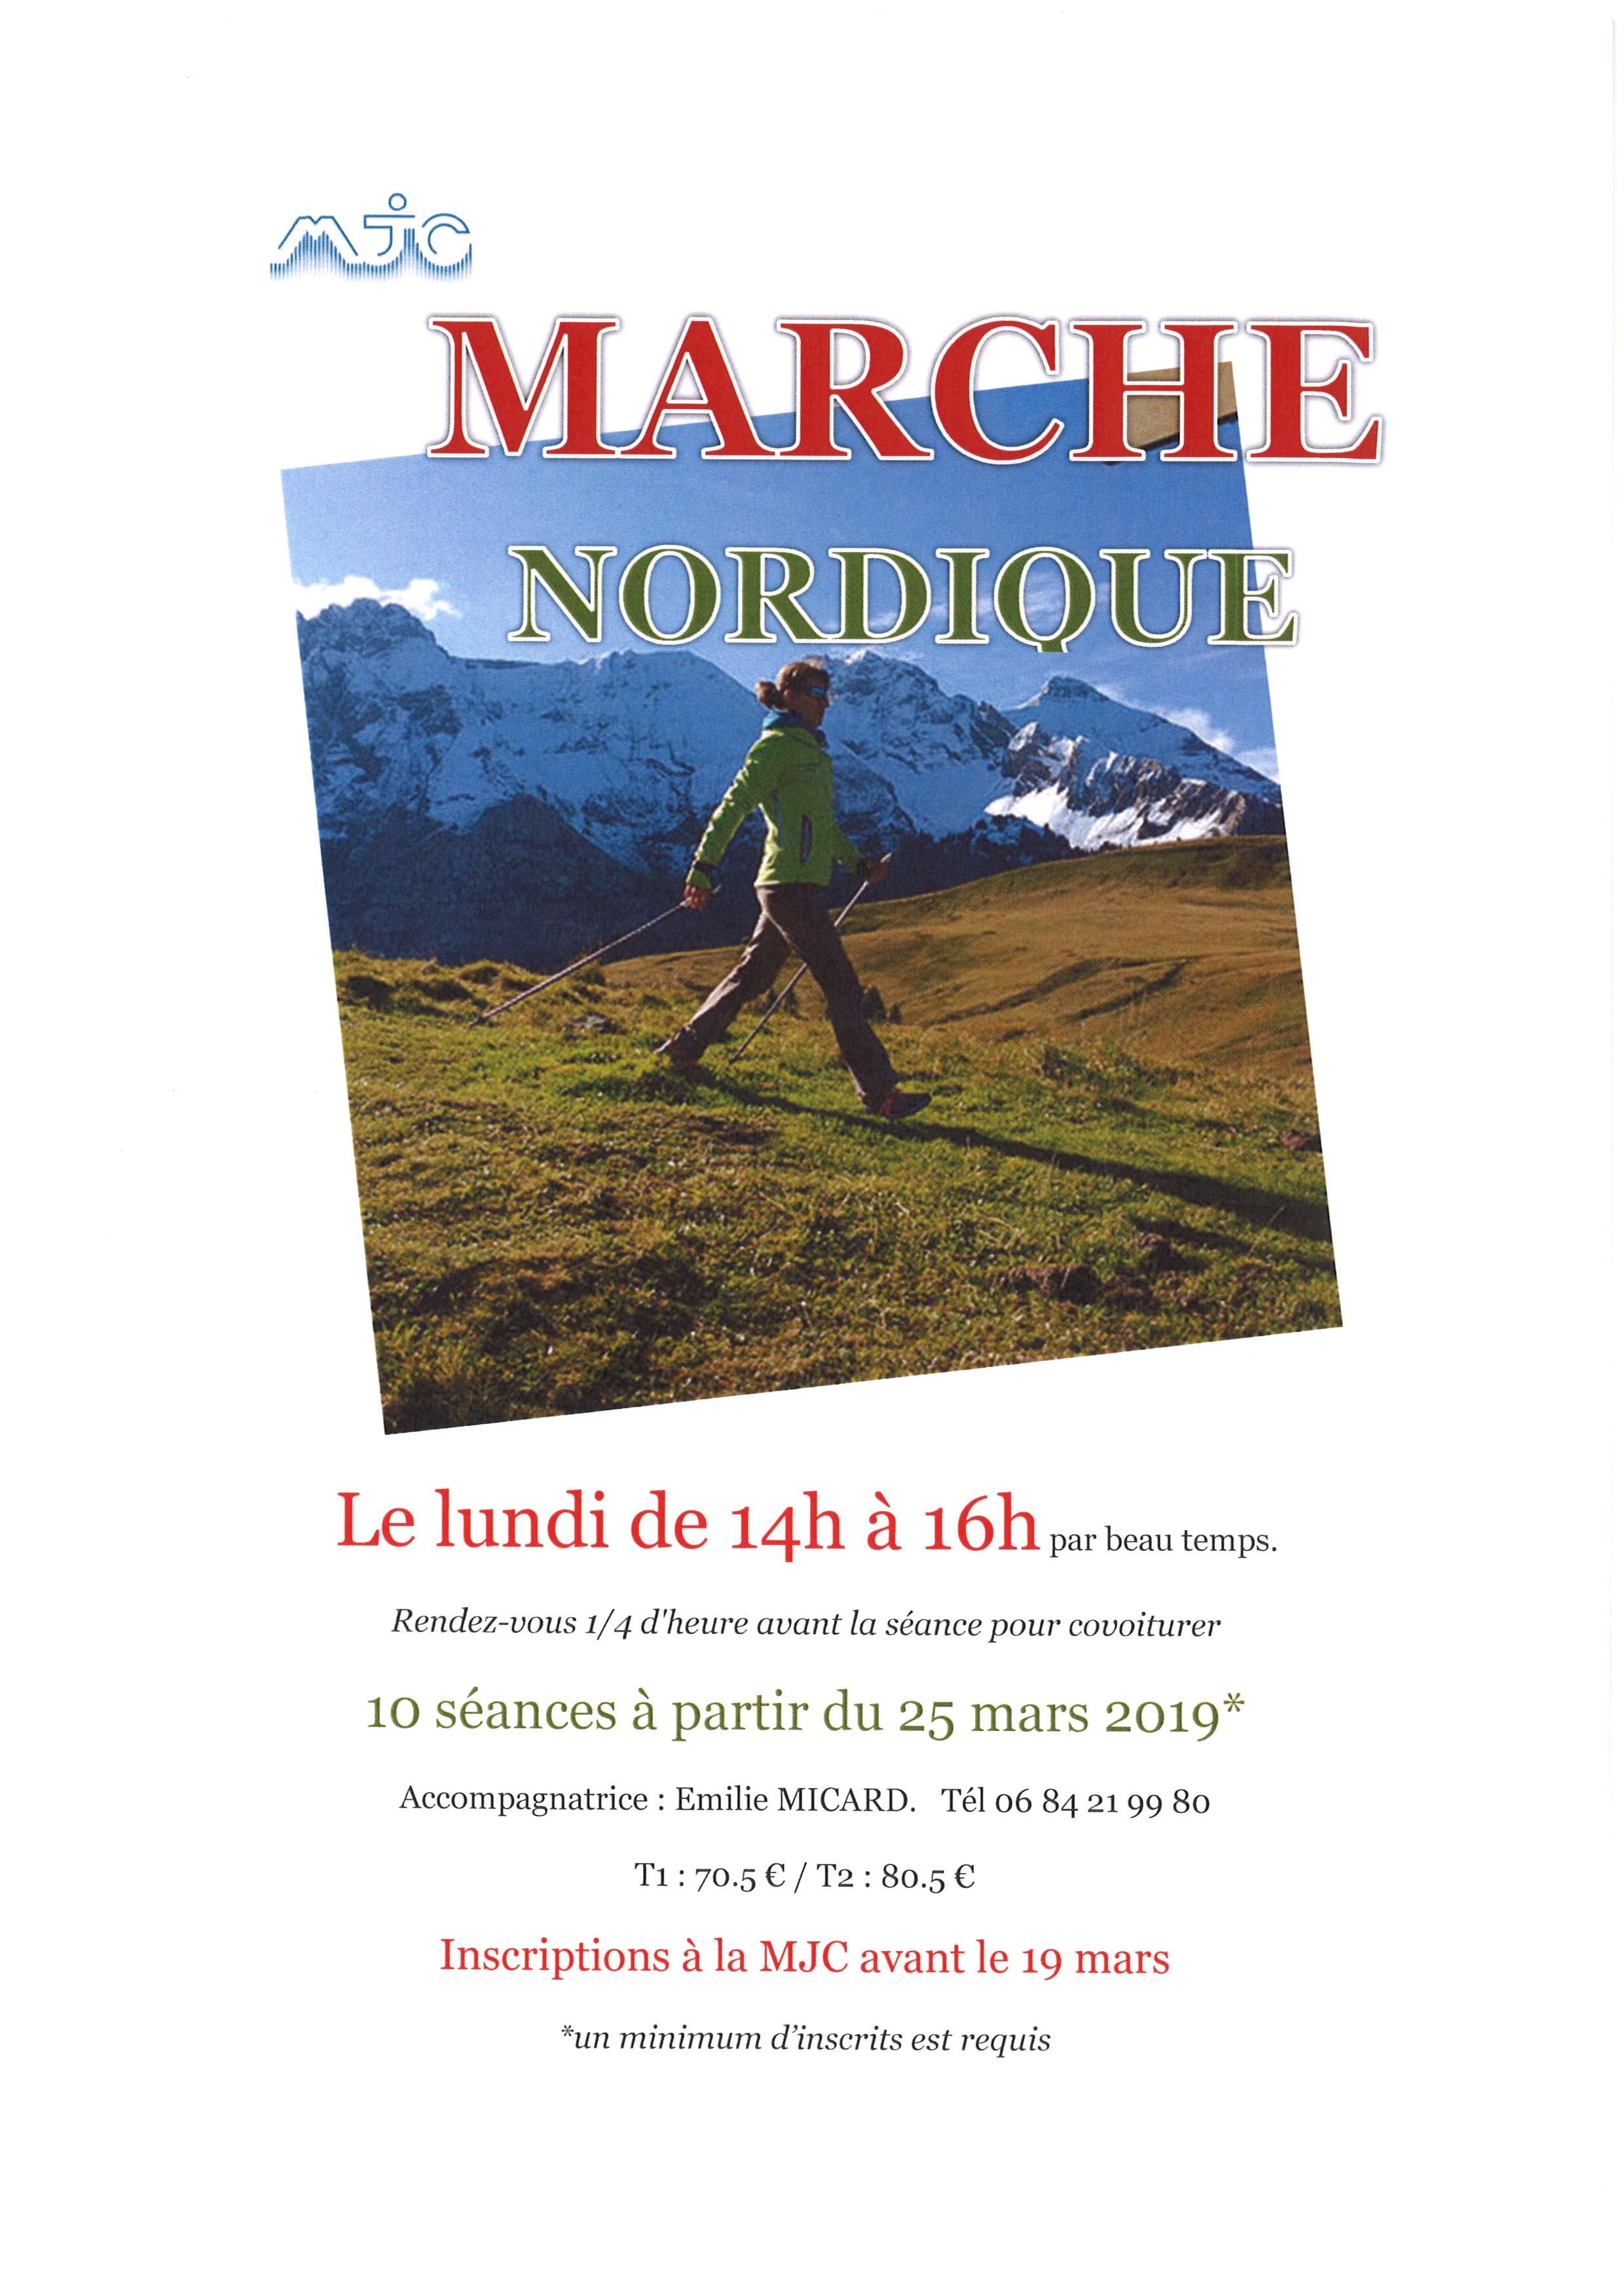 marche nordique 2019